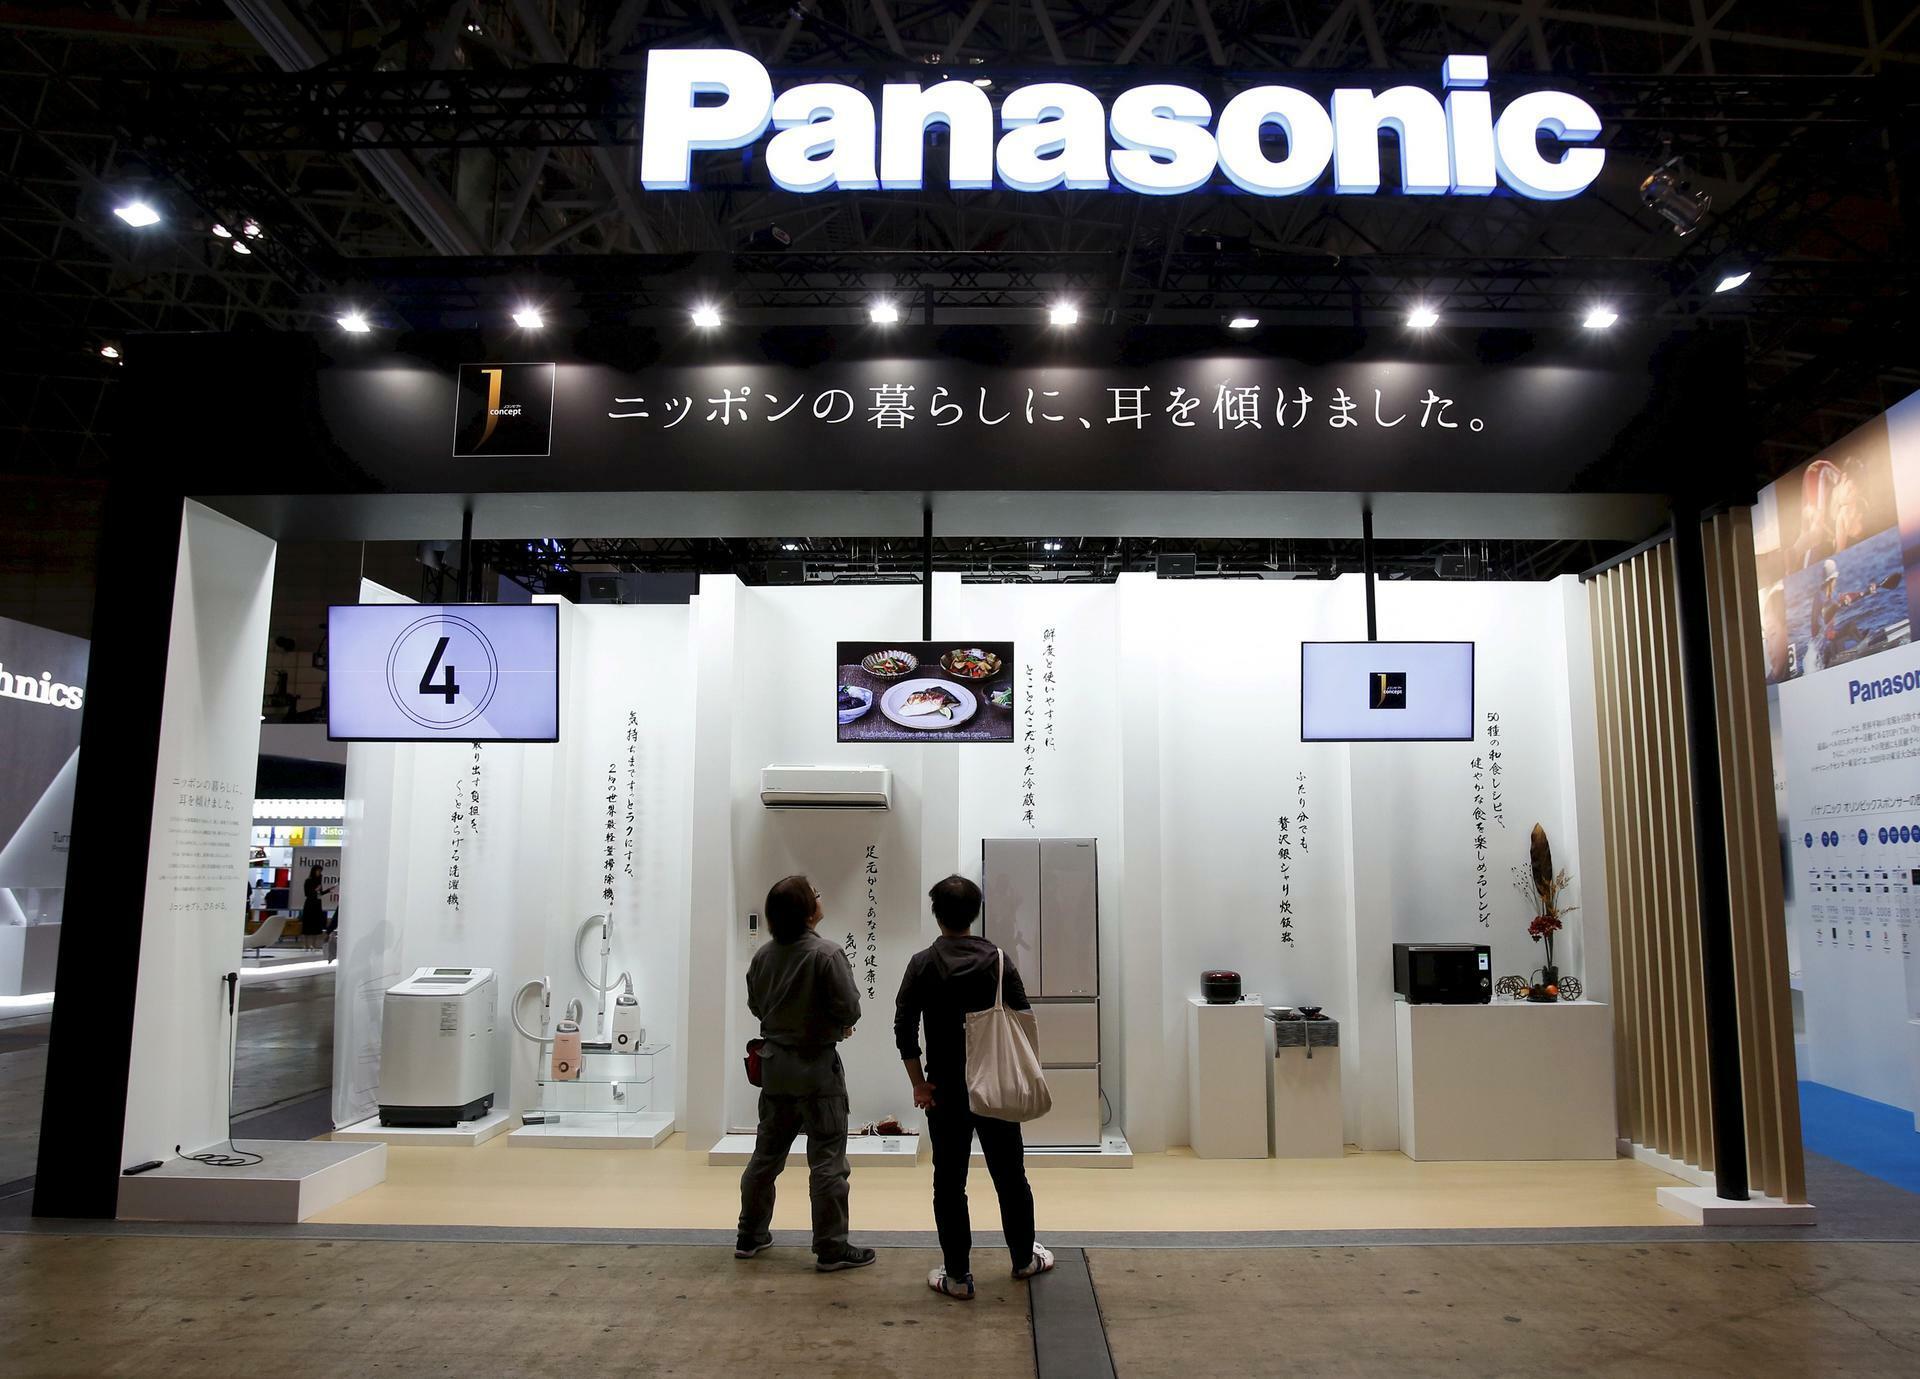 Panasonic Amerikanischer Kühlschrank : Hussmann: panasonic kauft kühlschrank hersteller